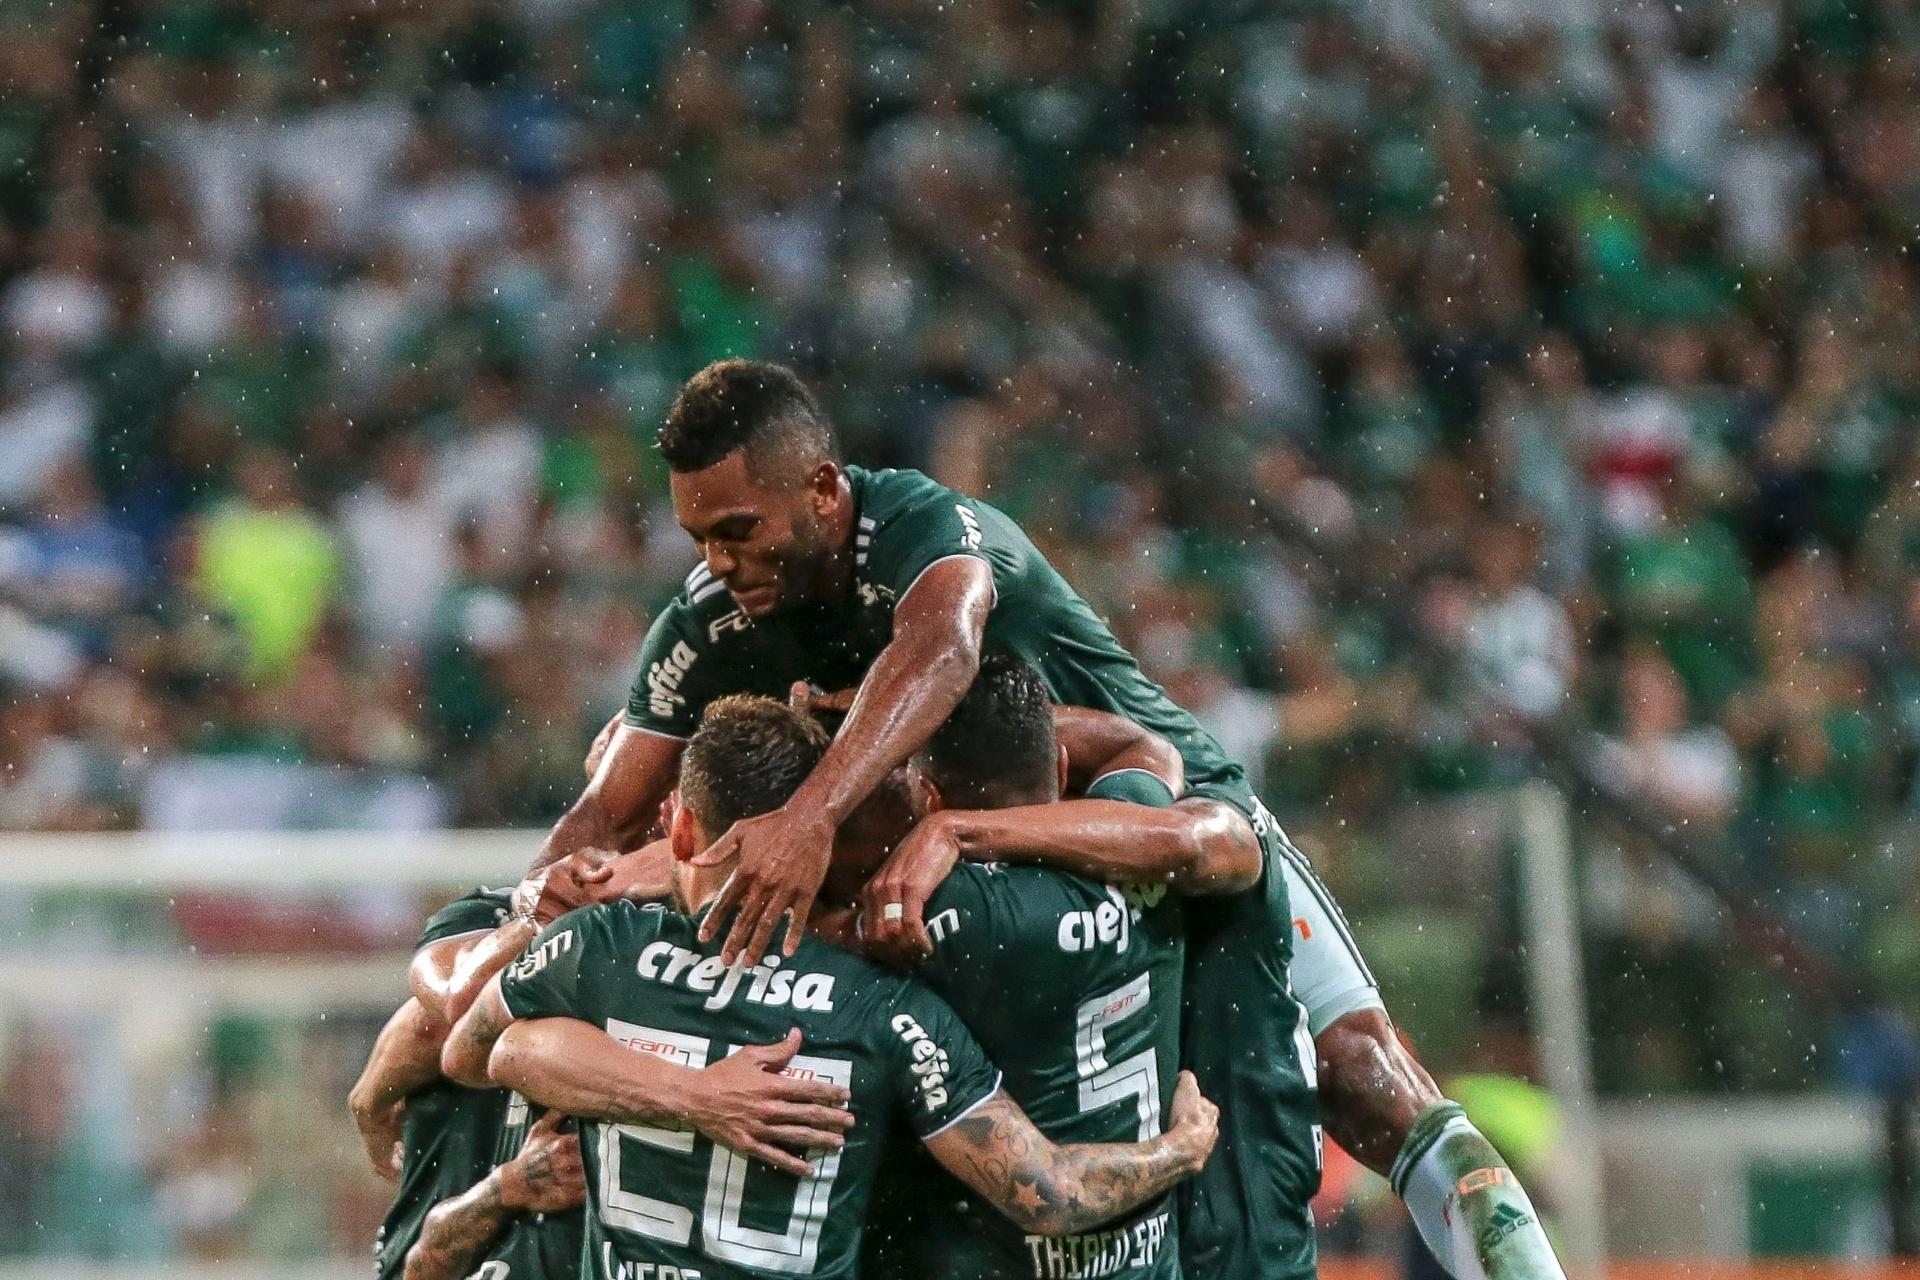 Palmeiras vence Santos em clássico eletrizante e abre 7 pontos na liderança  - 03 11 2018 - UOL Esporte 14652d2e2e896